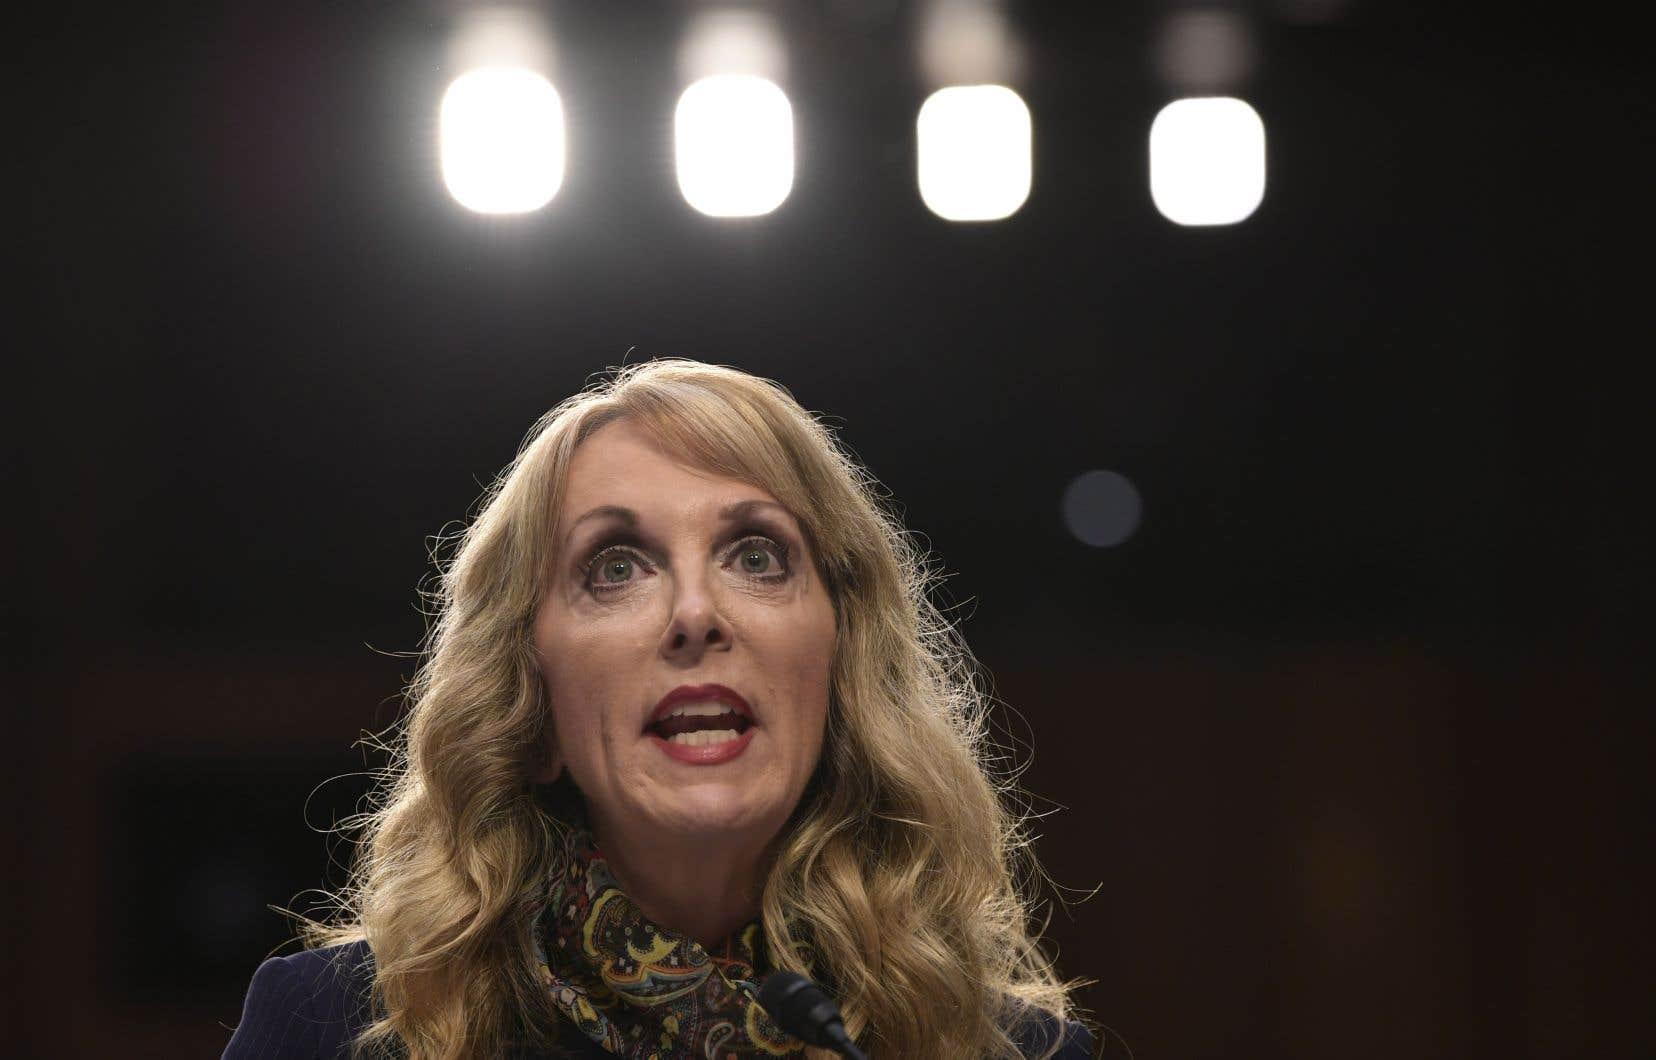 La directrice générale de la Fédération américaine de gymnastique, Kerry Perry